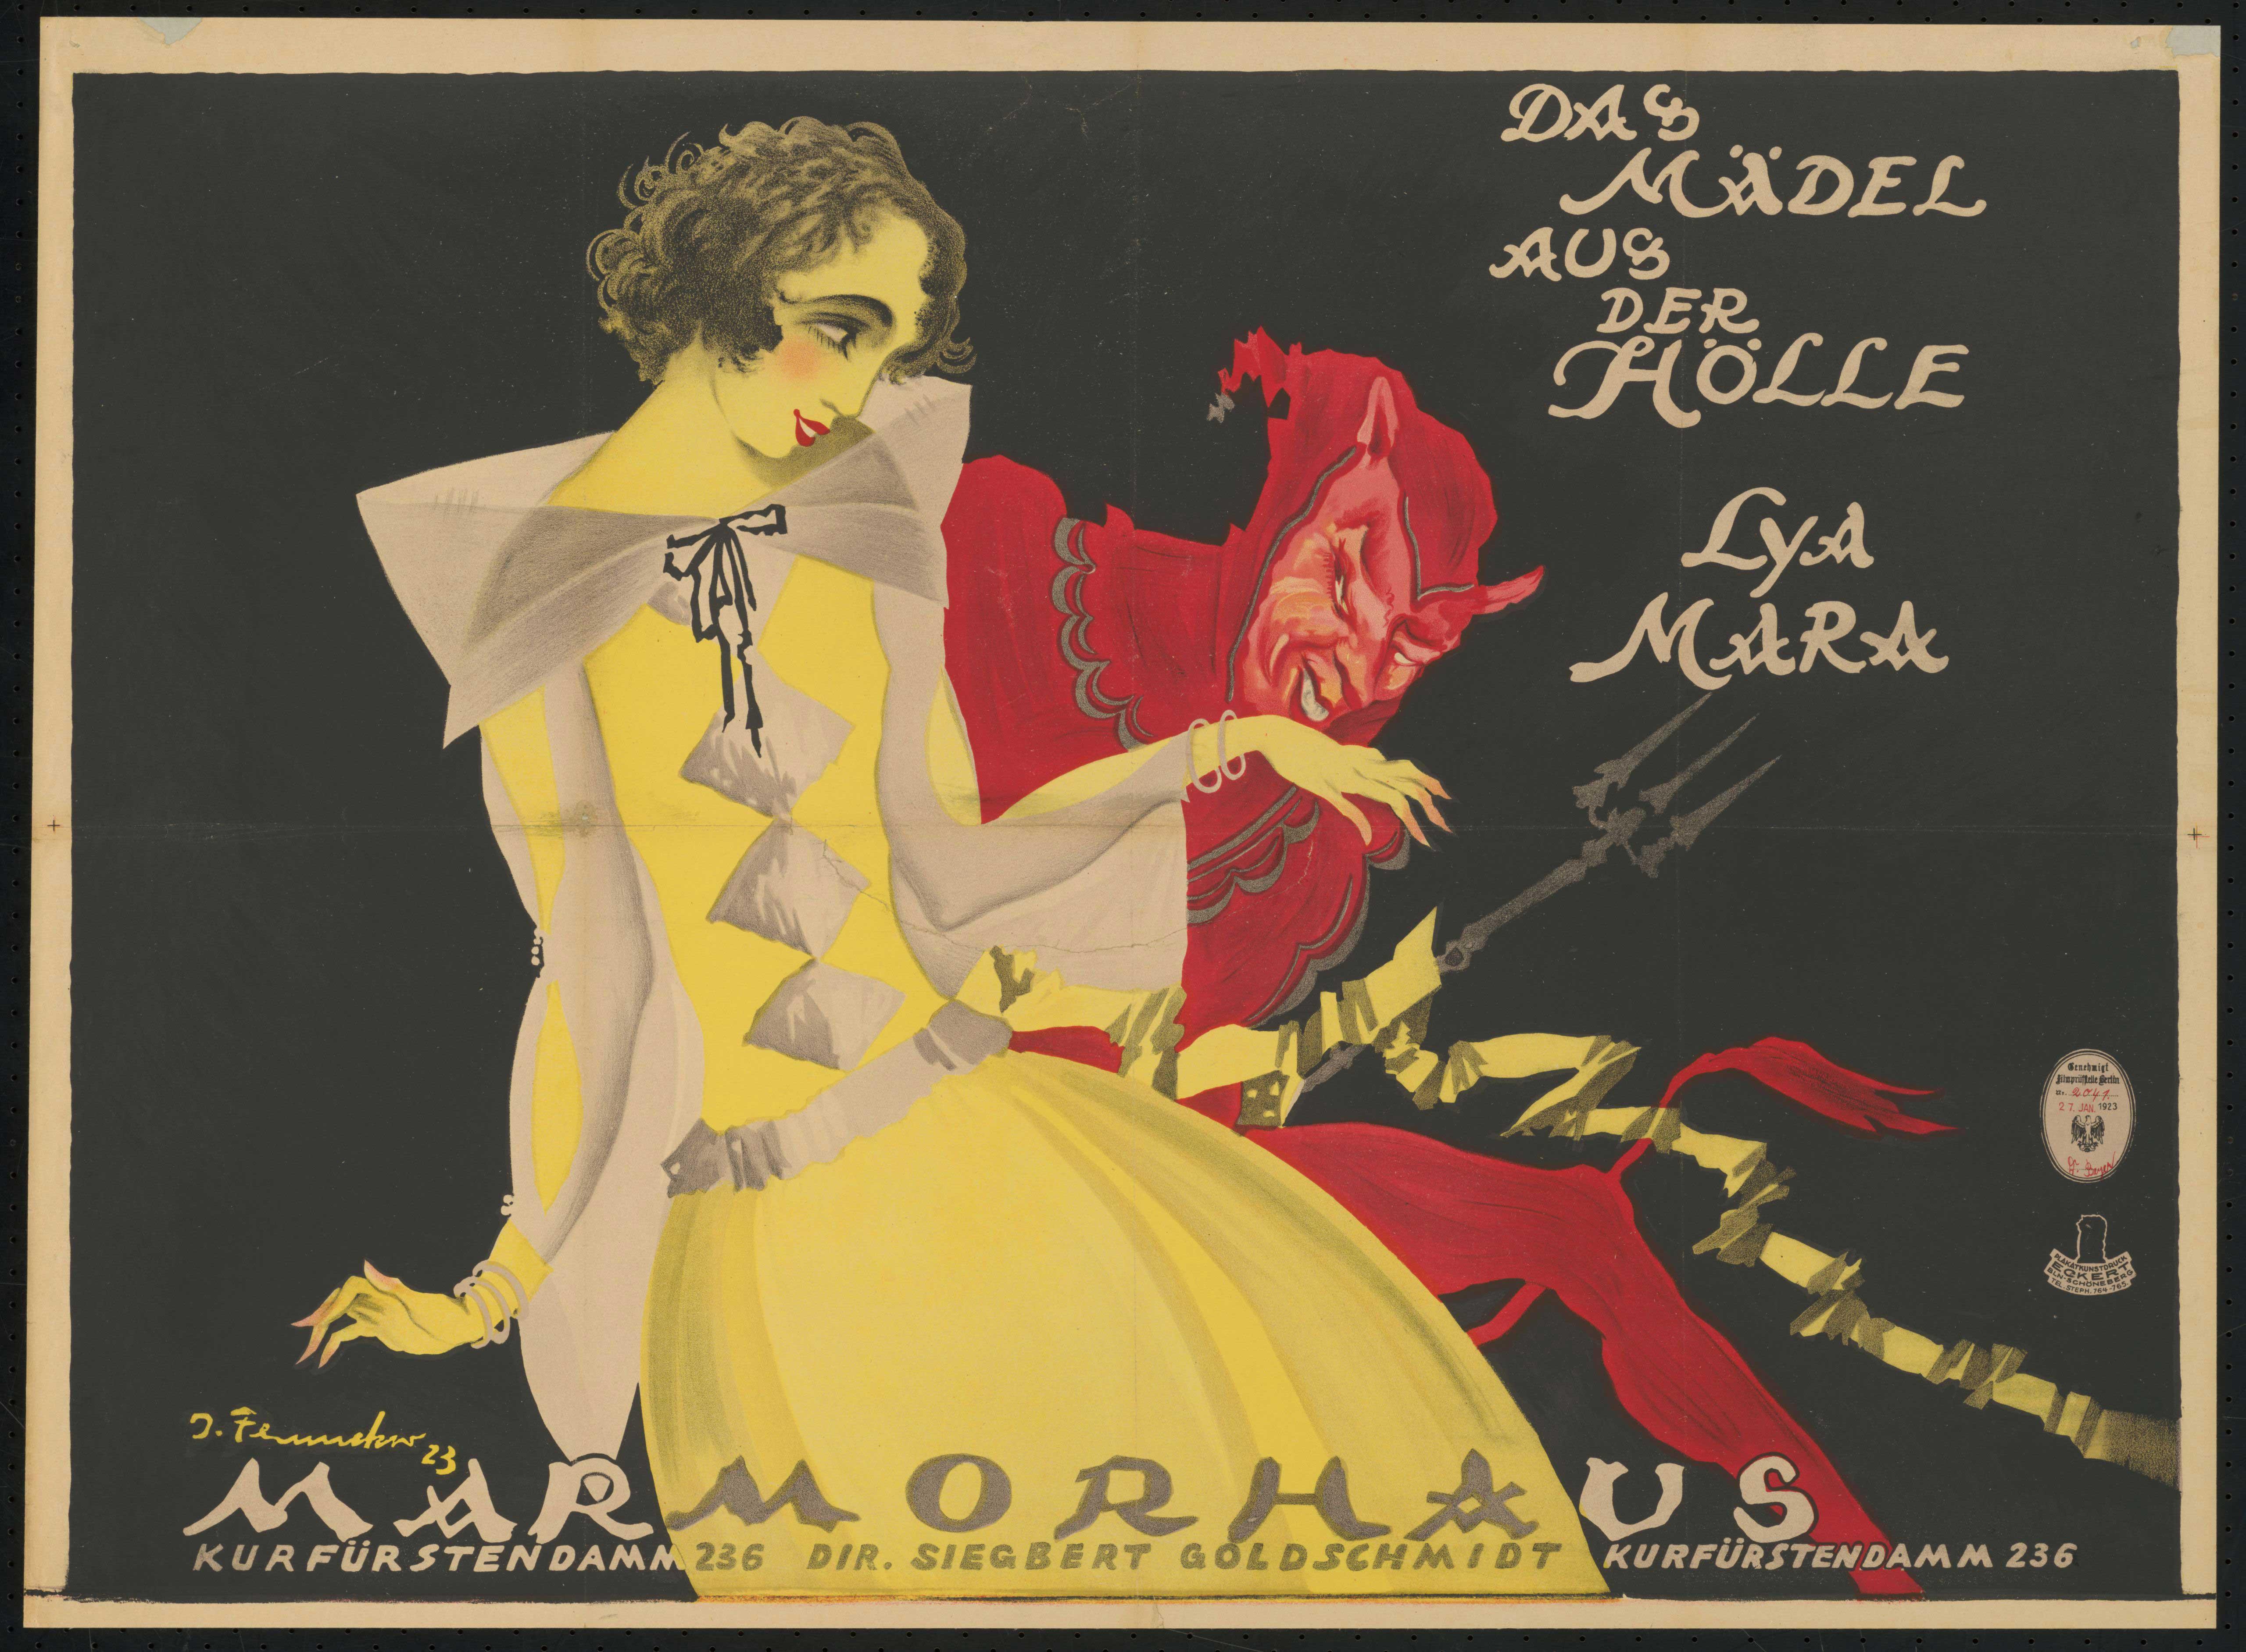 Plakat zu dem Film Das Mädel aus der Hölle, Deutschland 1922, Regie: Friedrich Zelnik, von Plakatkünstler Josef Fenneker